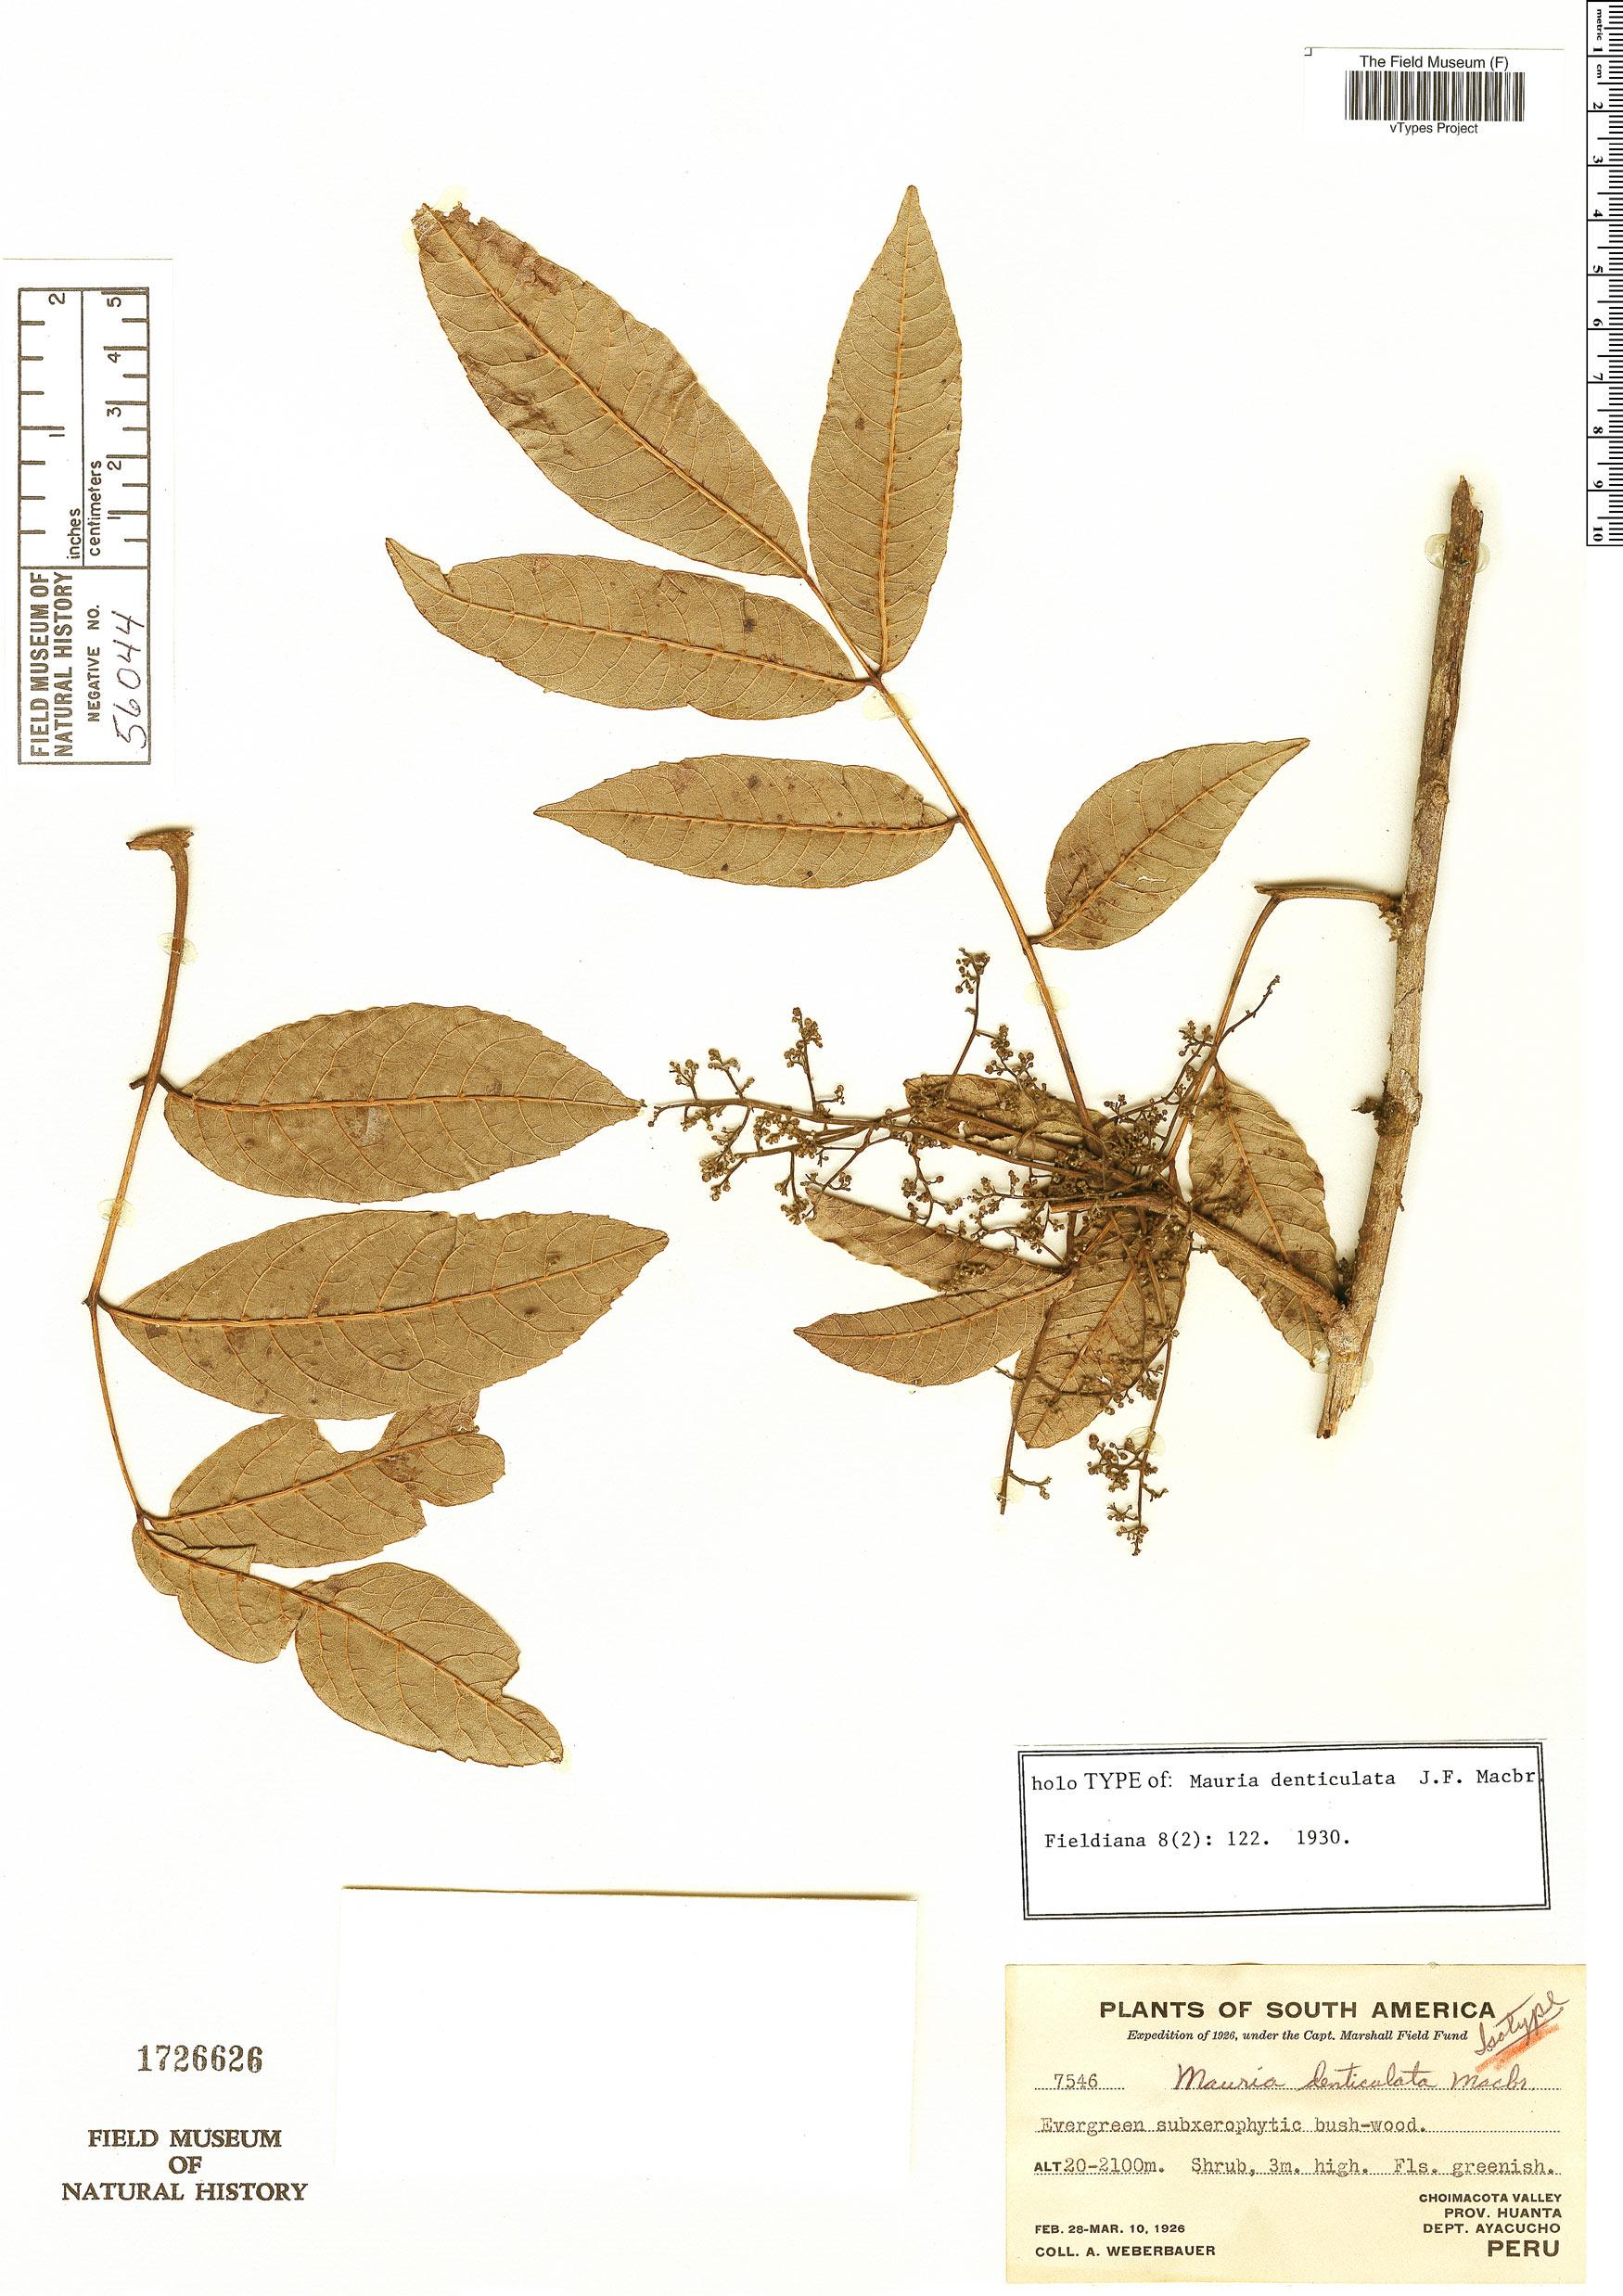 Specimen: Mauria denticulata